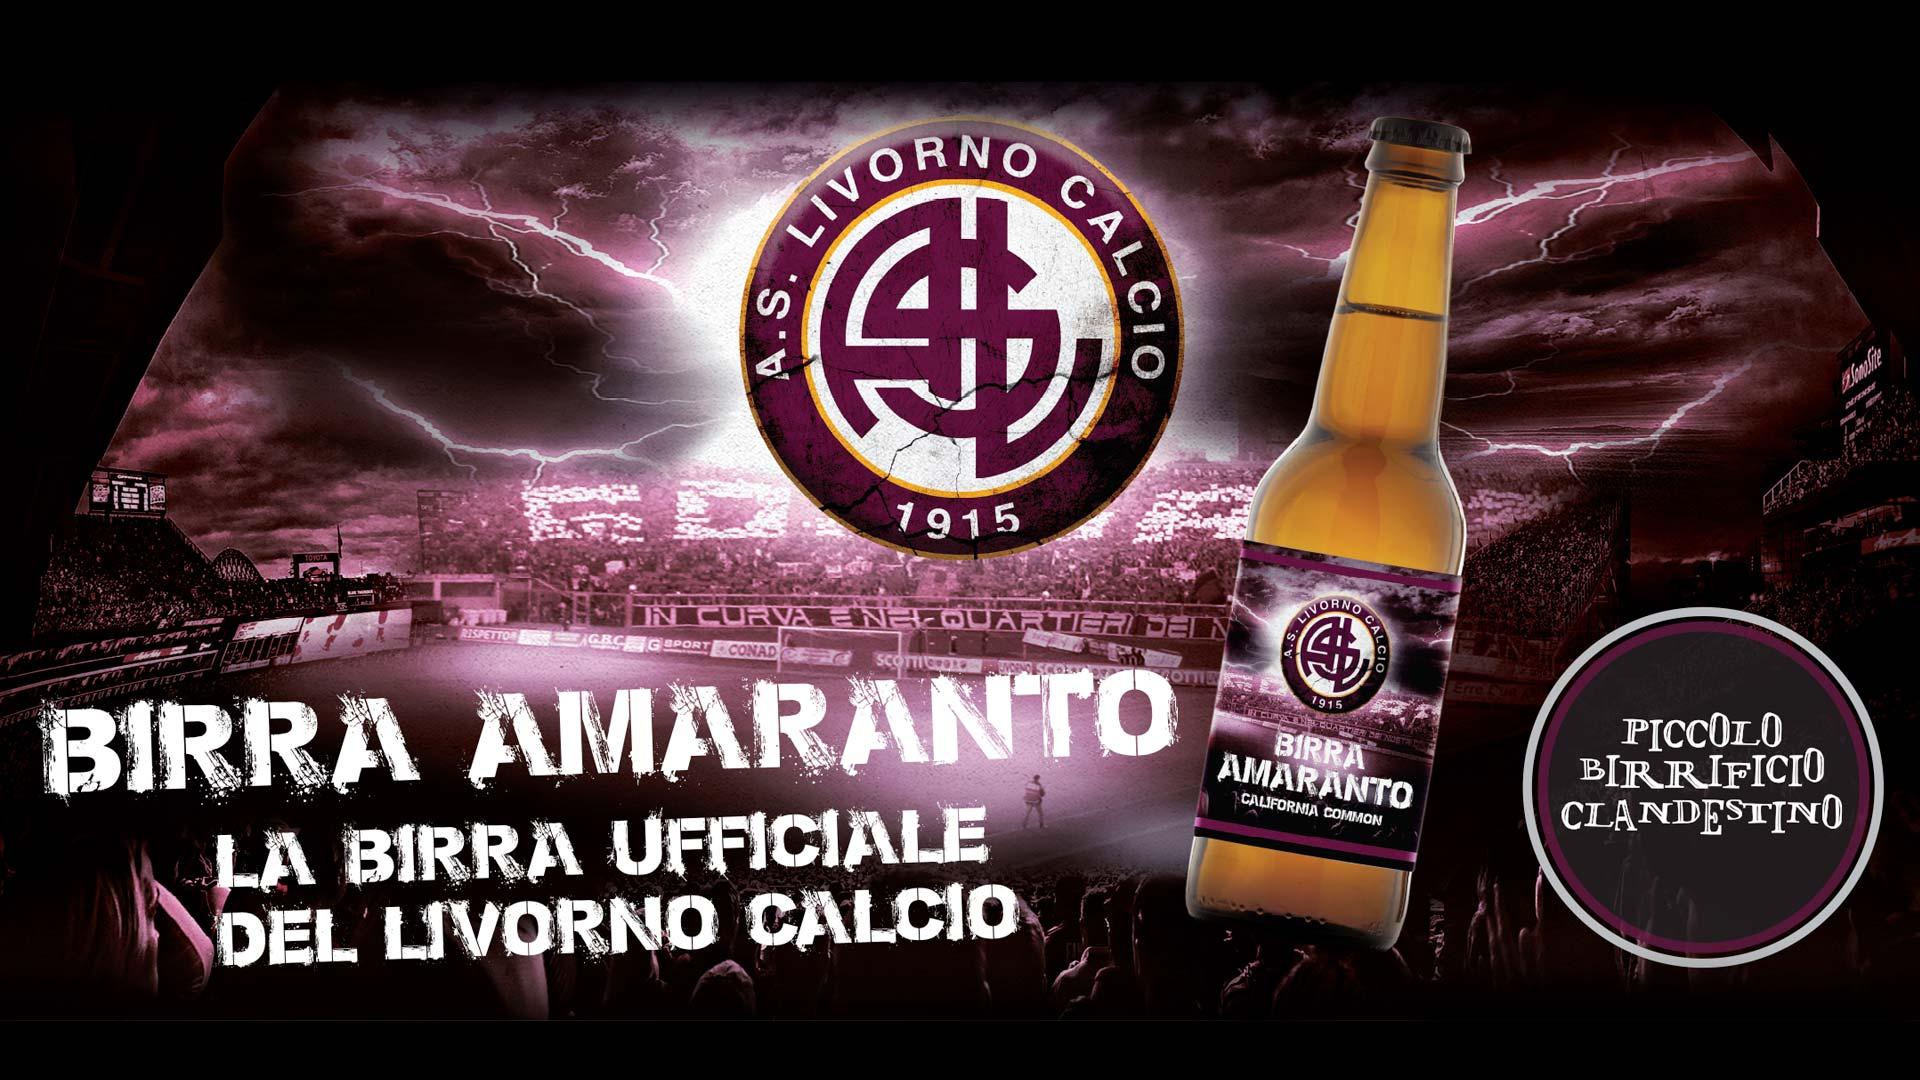 Cartellone Livorno birra - Grafica pubblicitaria La Spezia